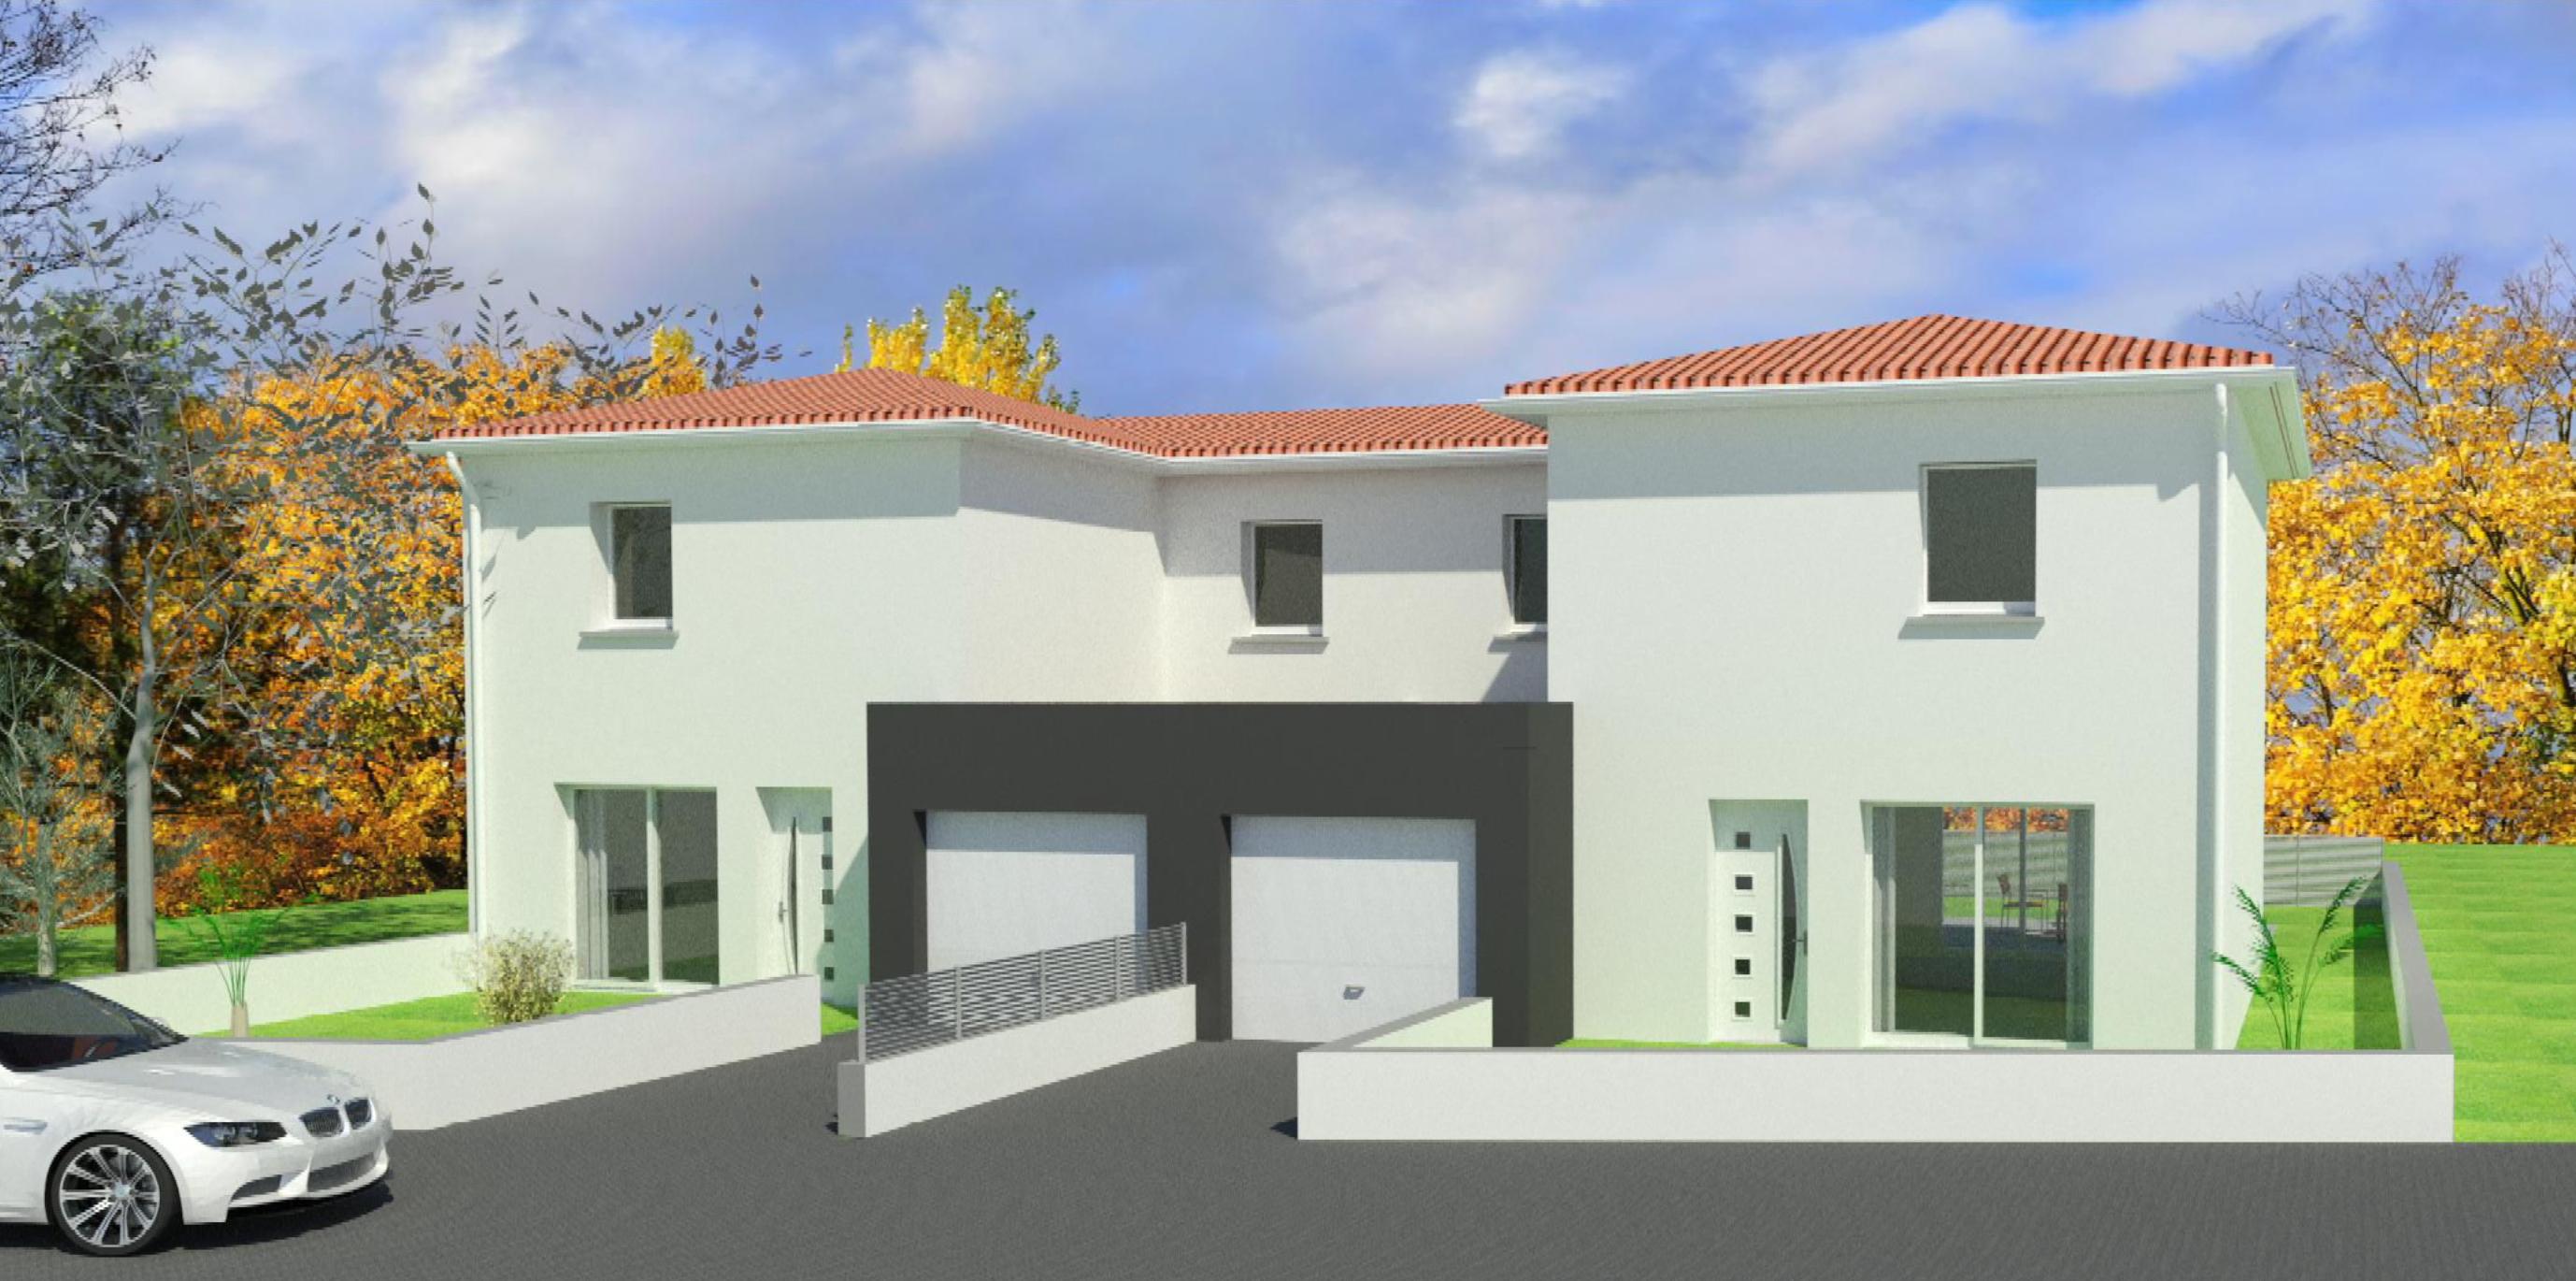 Maisons Bastide – Secteur Nord de Clermont Ferrand – Avant projet